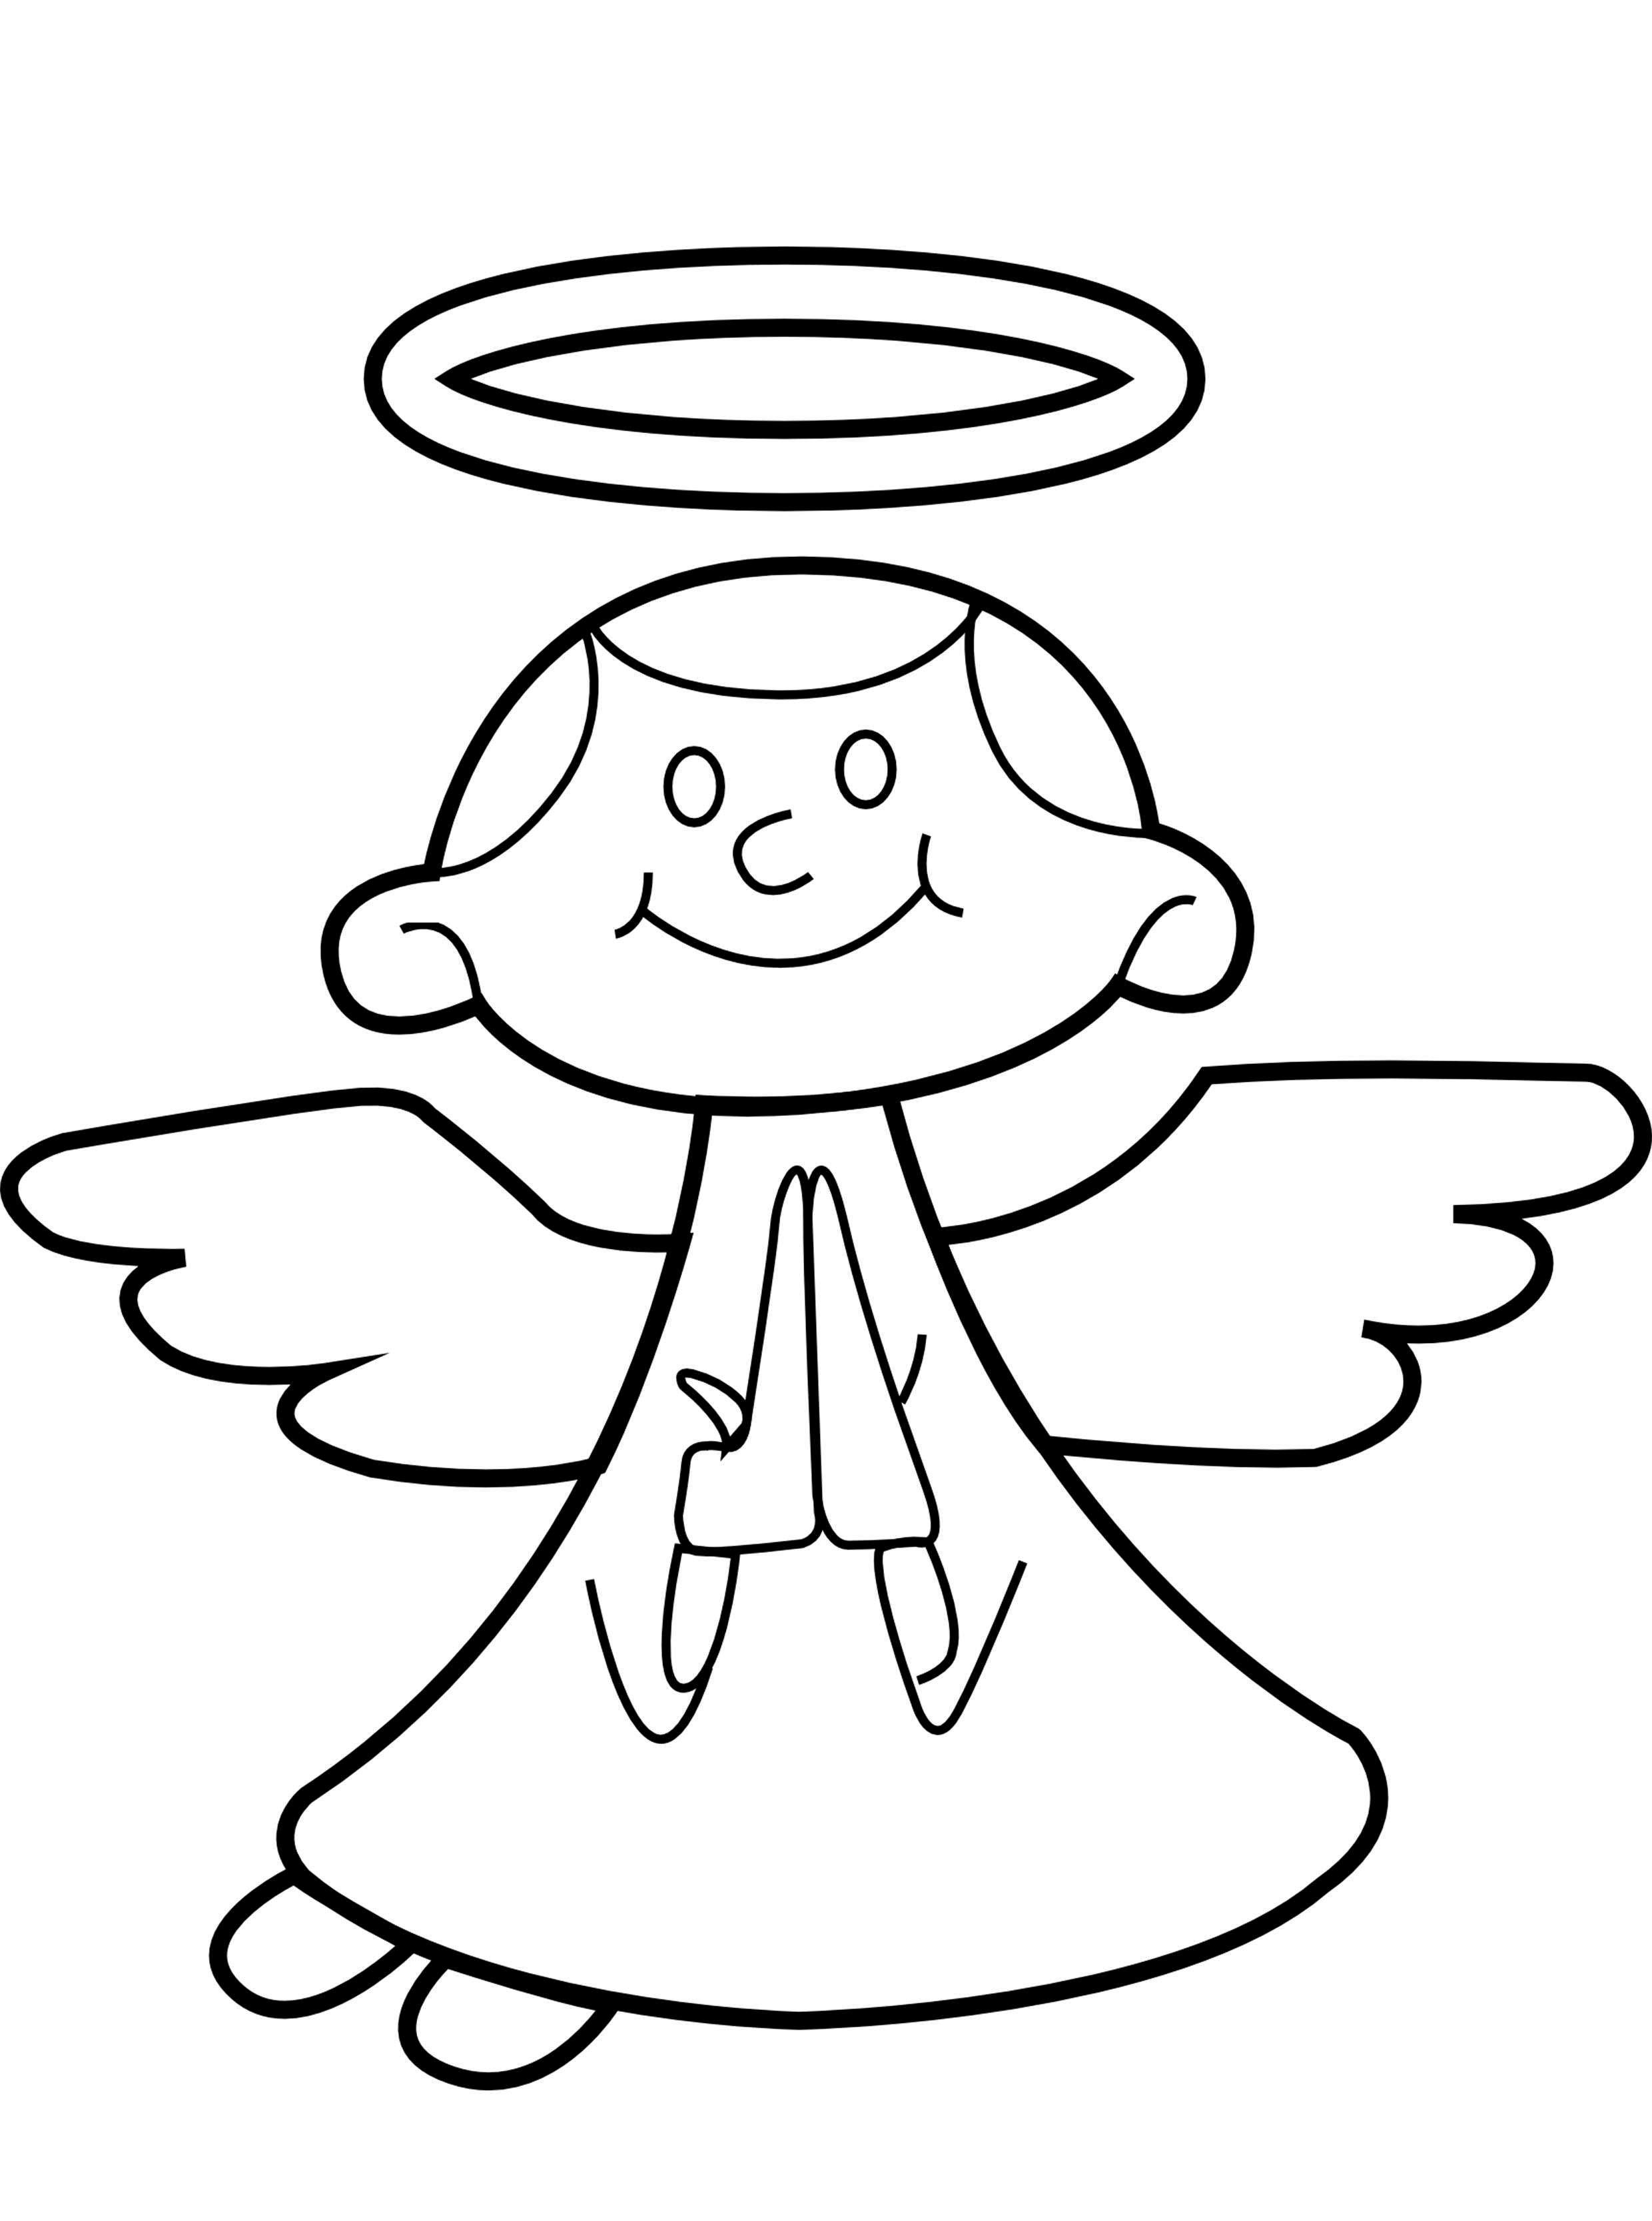 80 Immagini Di Angeli Disegni Da Colorare Per Bambini E Adulti A Tutto Donna